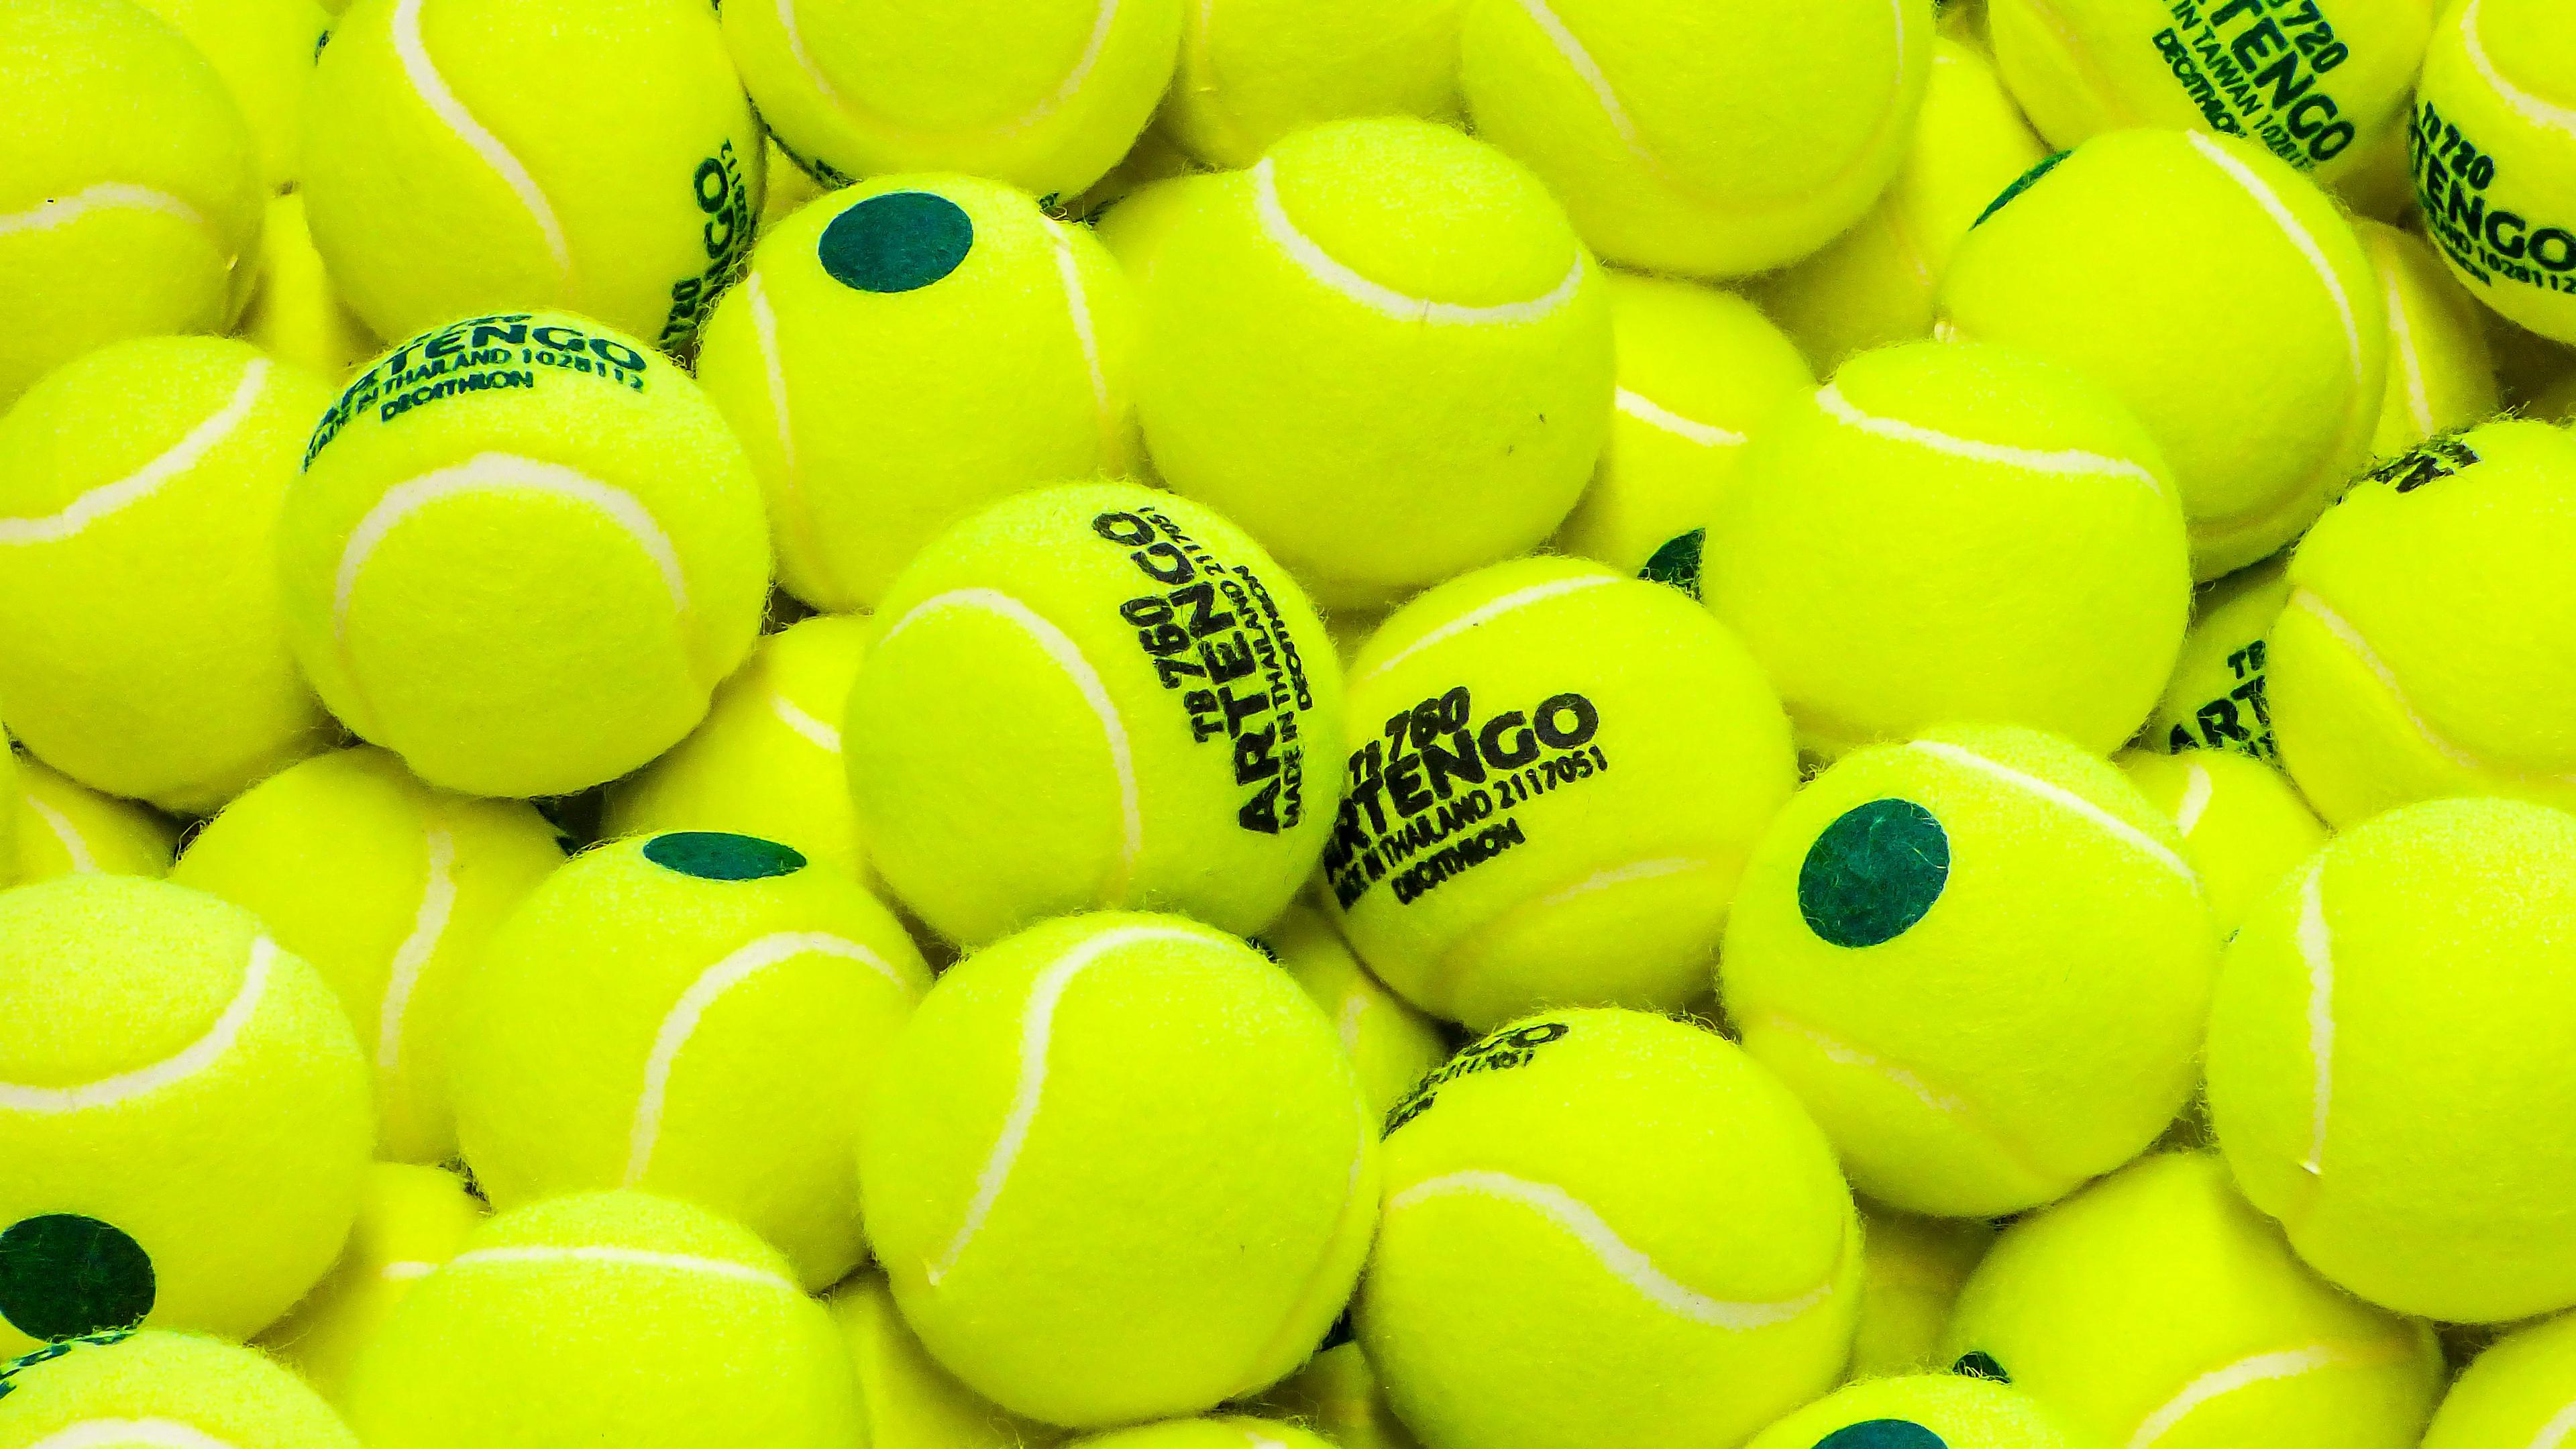 tennis balls sport lime green yellow 4k 1540062818 - tennis, balls, sport, lime green, yellow 4k - Tennis, Sport, Balls